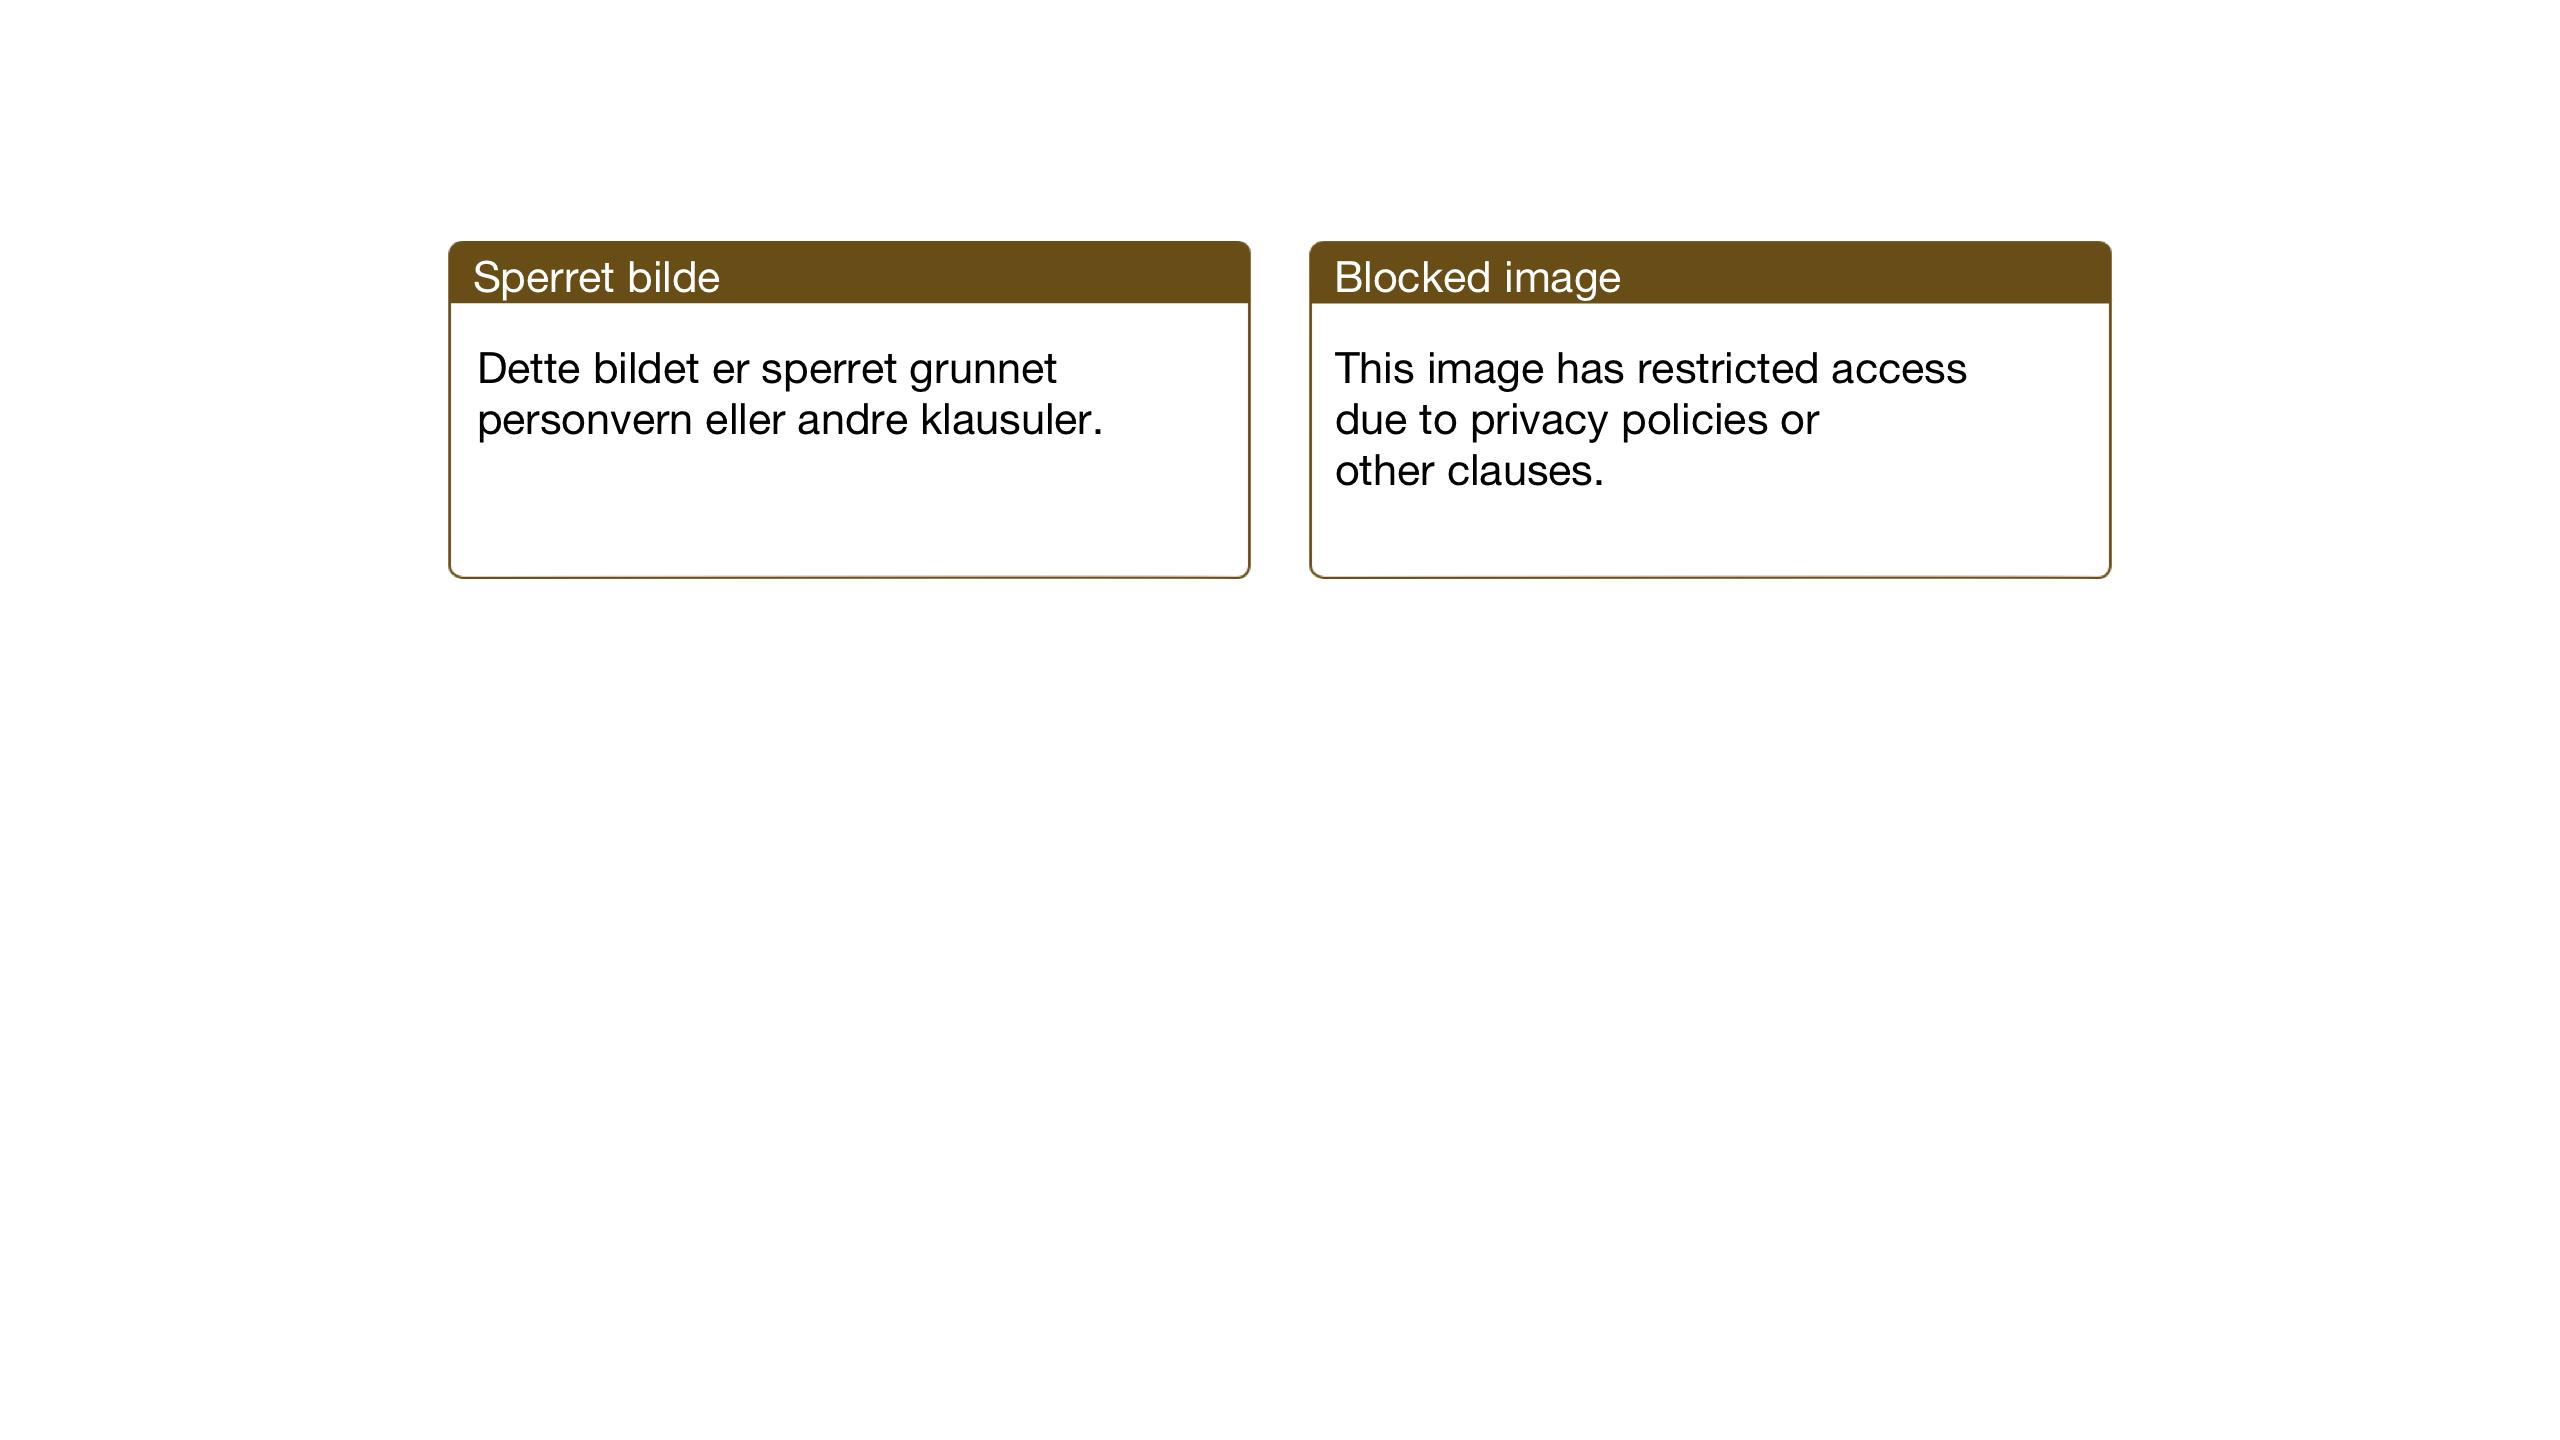 SAT, Ministerialprotokoller, klokkerbøker og fødselsregistre - Sør-Trøndelag, 674/L0877: Klokkerbok nr. 674C04, 1913-1940, s. 221